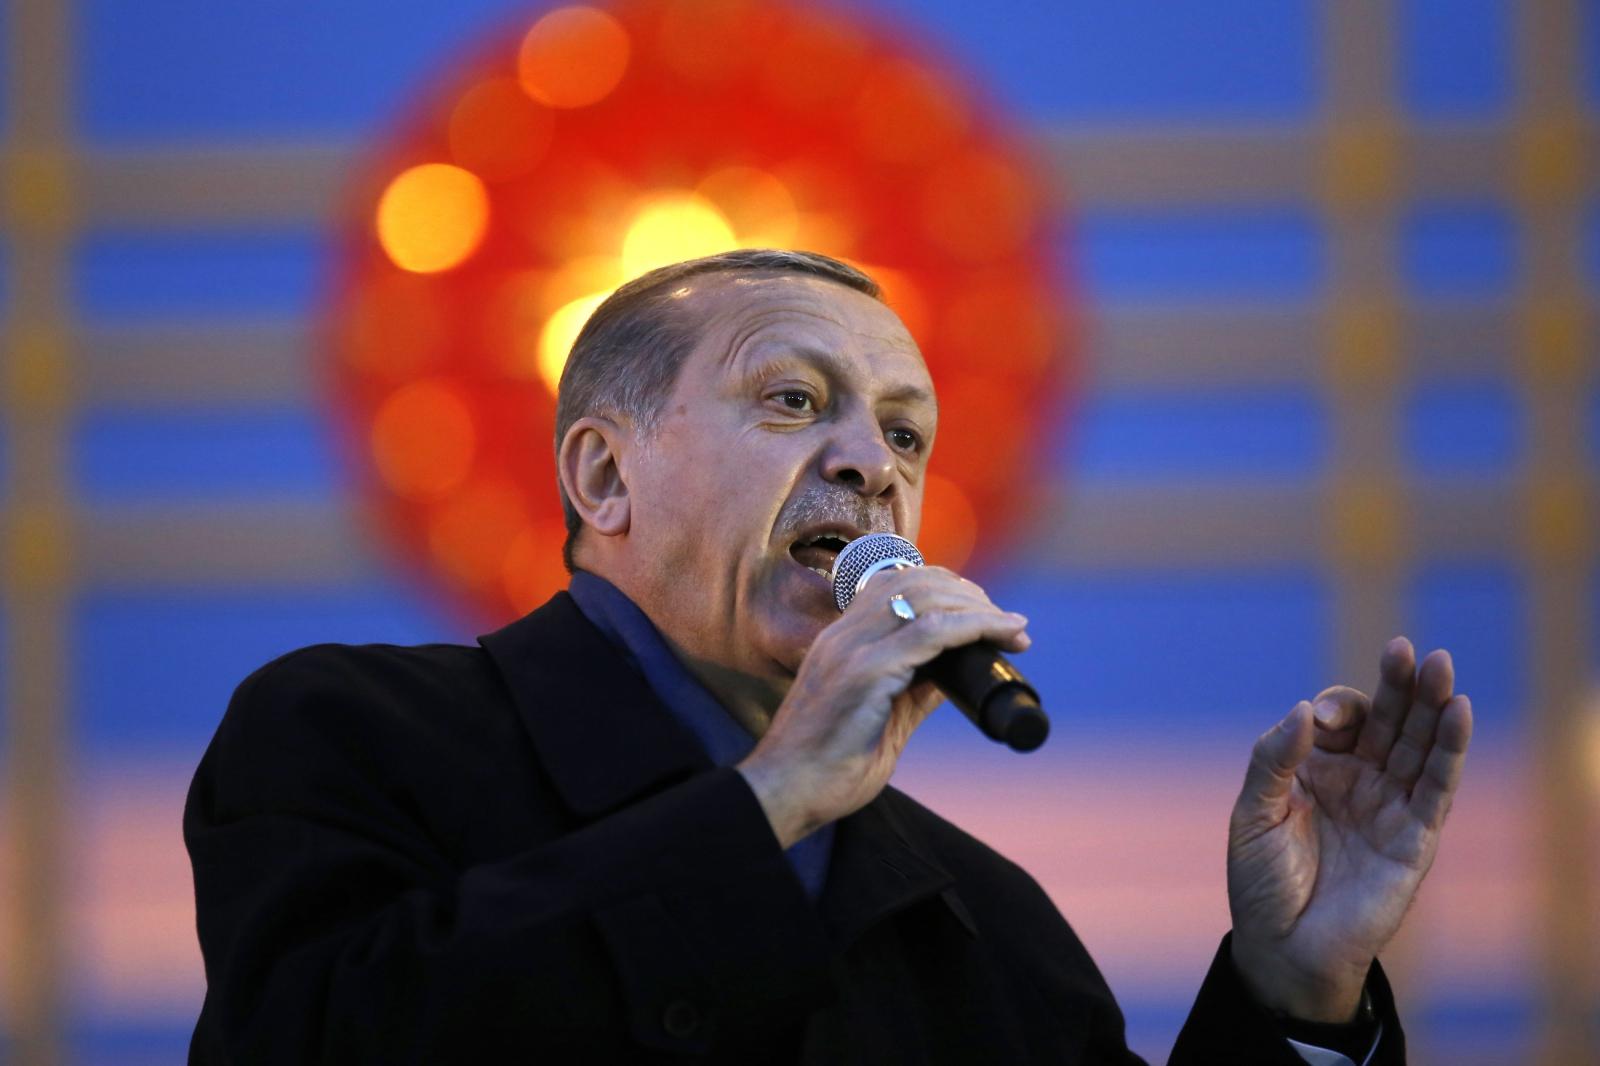 Prezydent Turcji Recep Erdogan przemawia po wygraniu referendum.